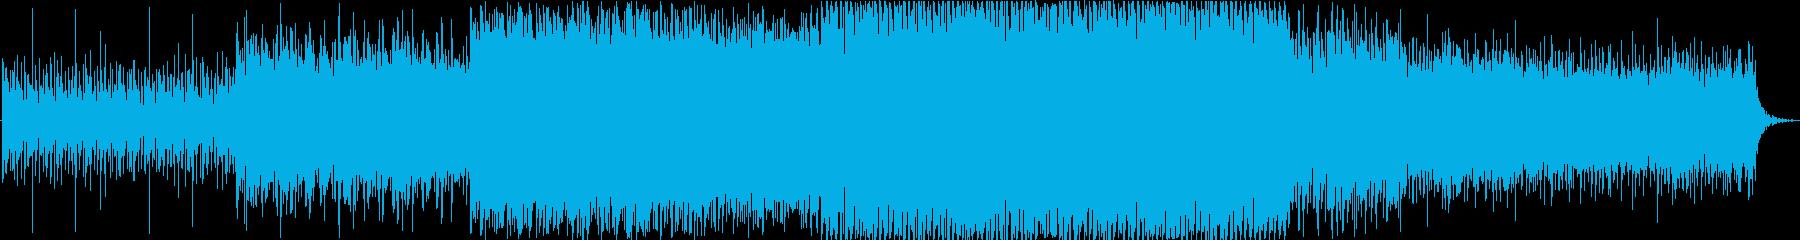 シンセサイザーを使用した明るいポップな曲の再生済みの波形